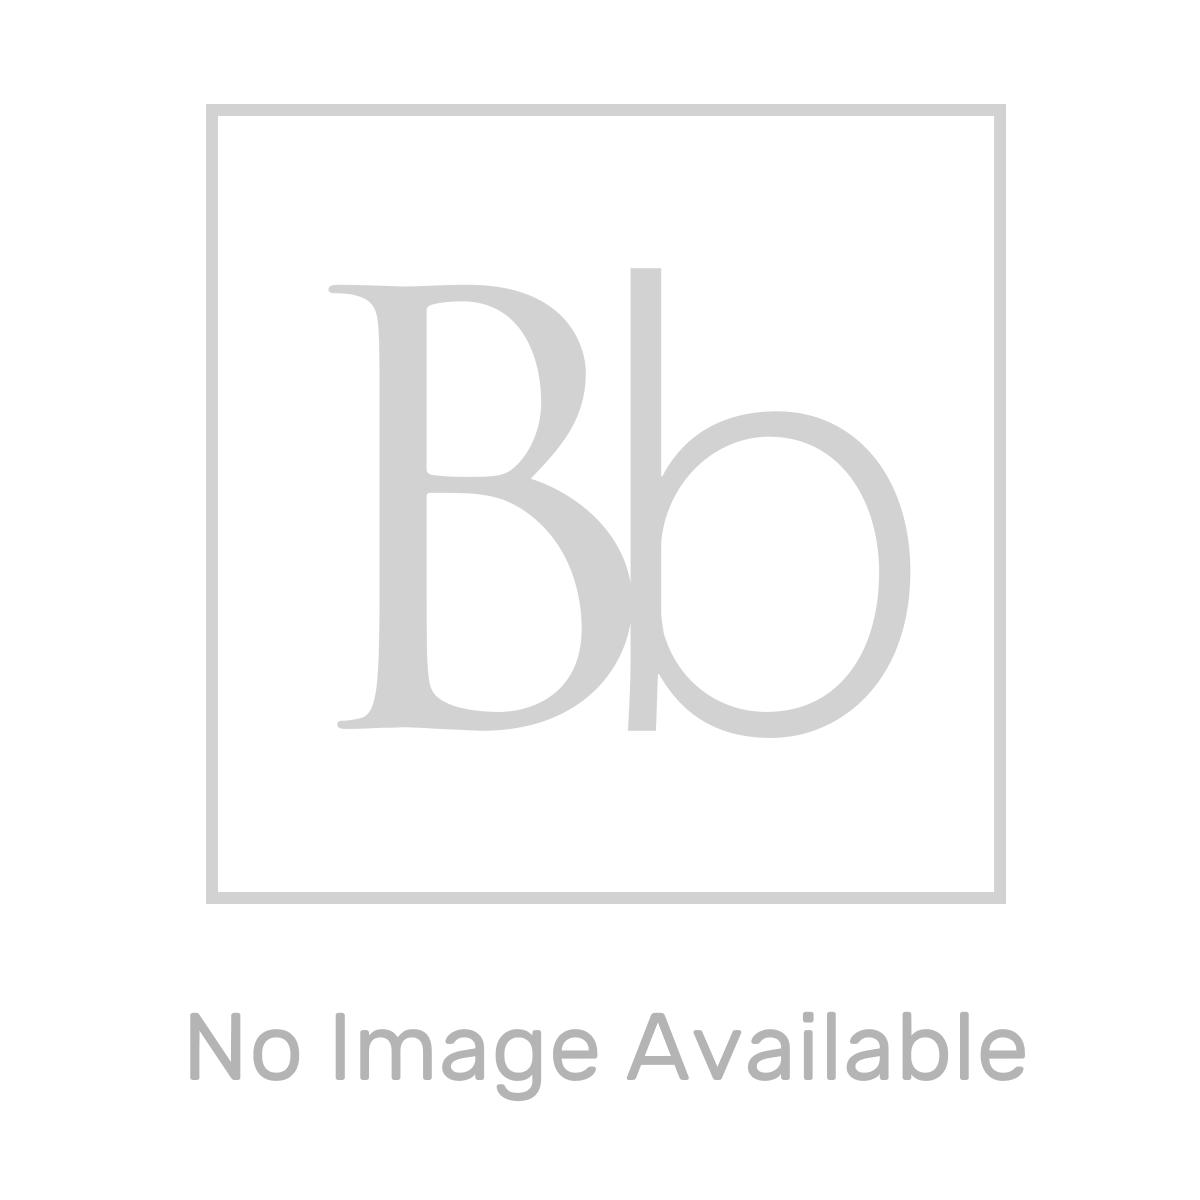 Lakes Semi-Frameless Corner Entry Shower Enclosure